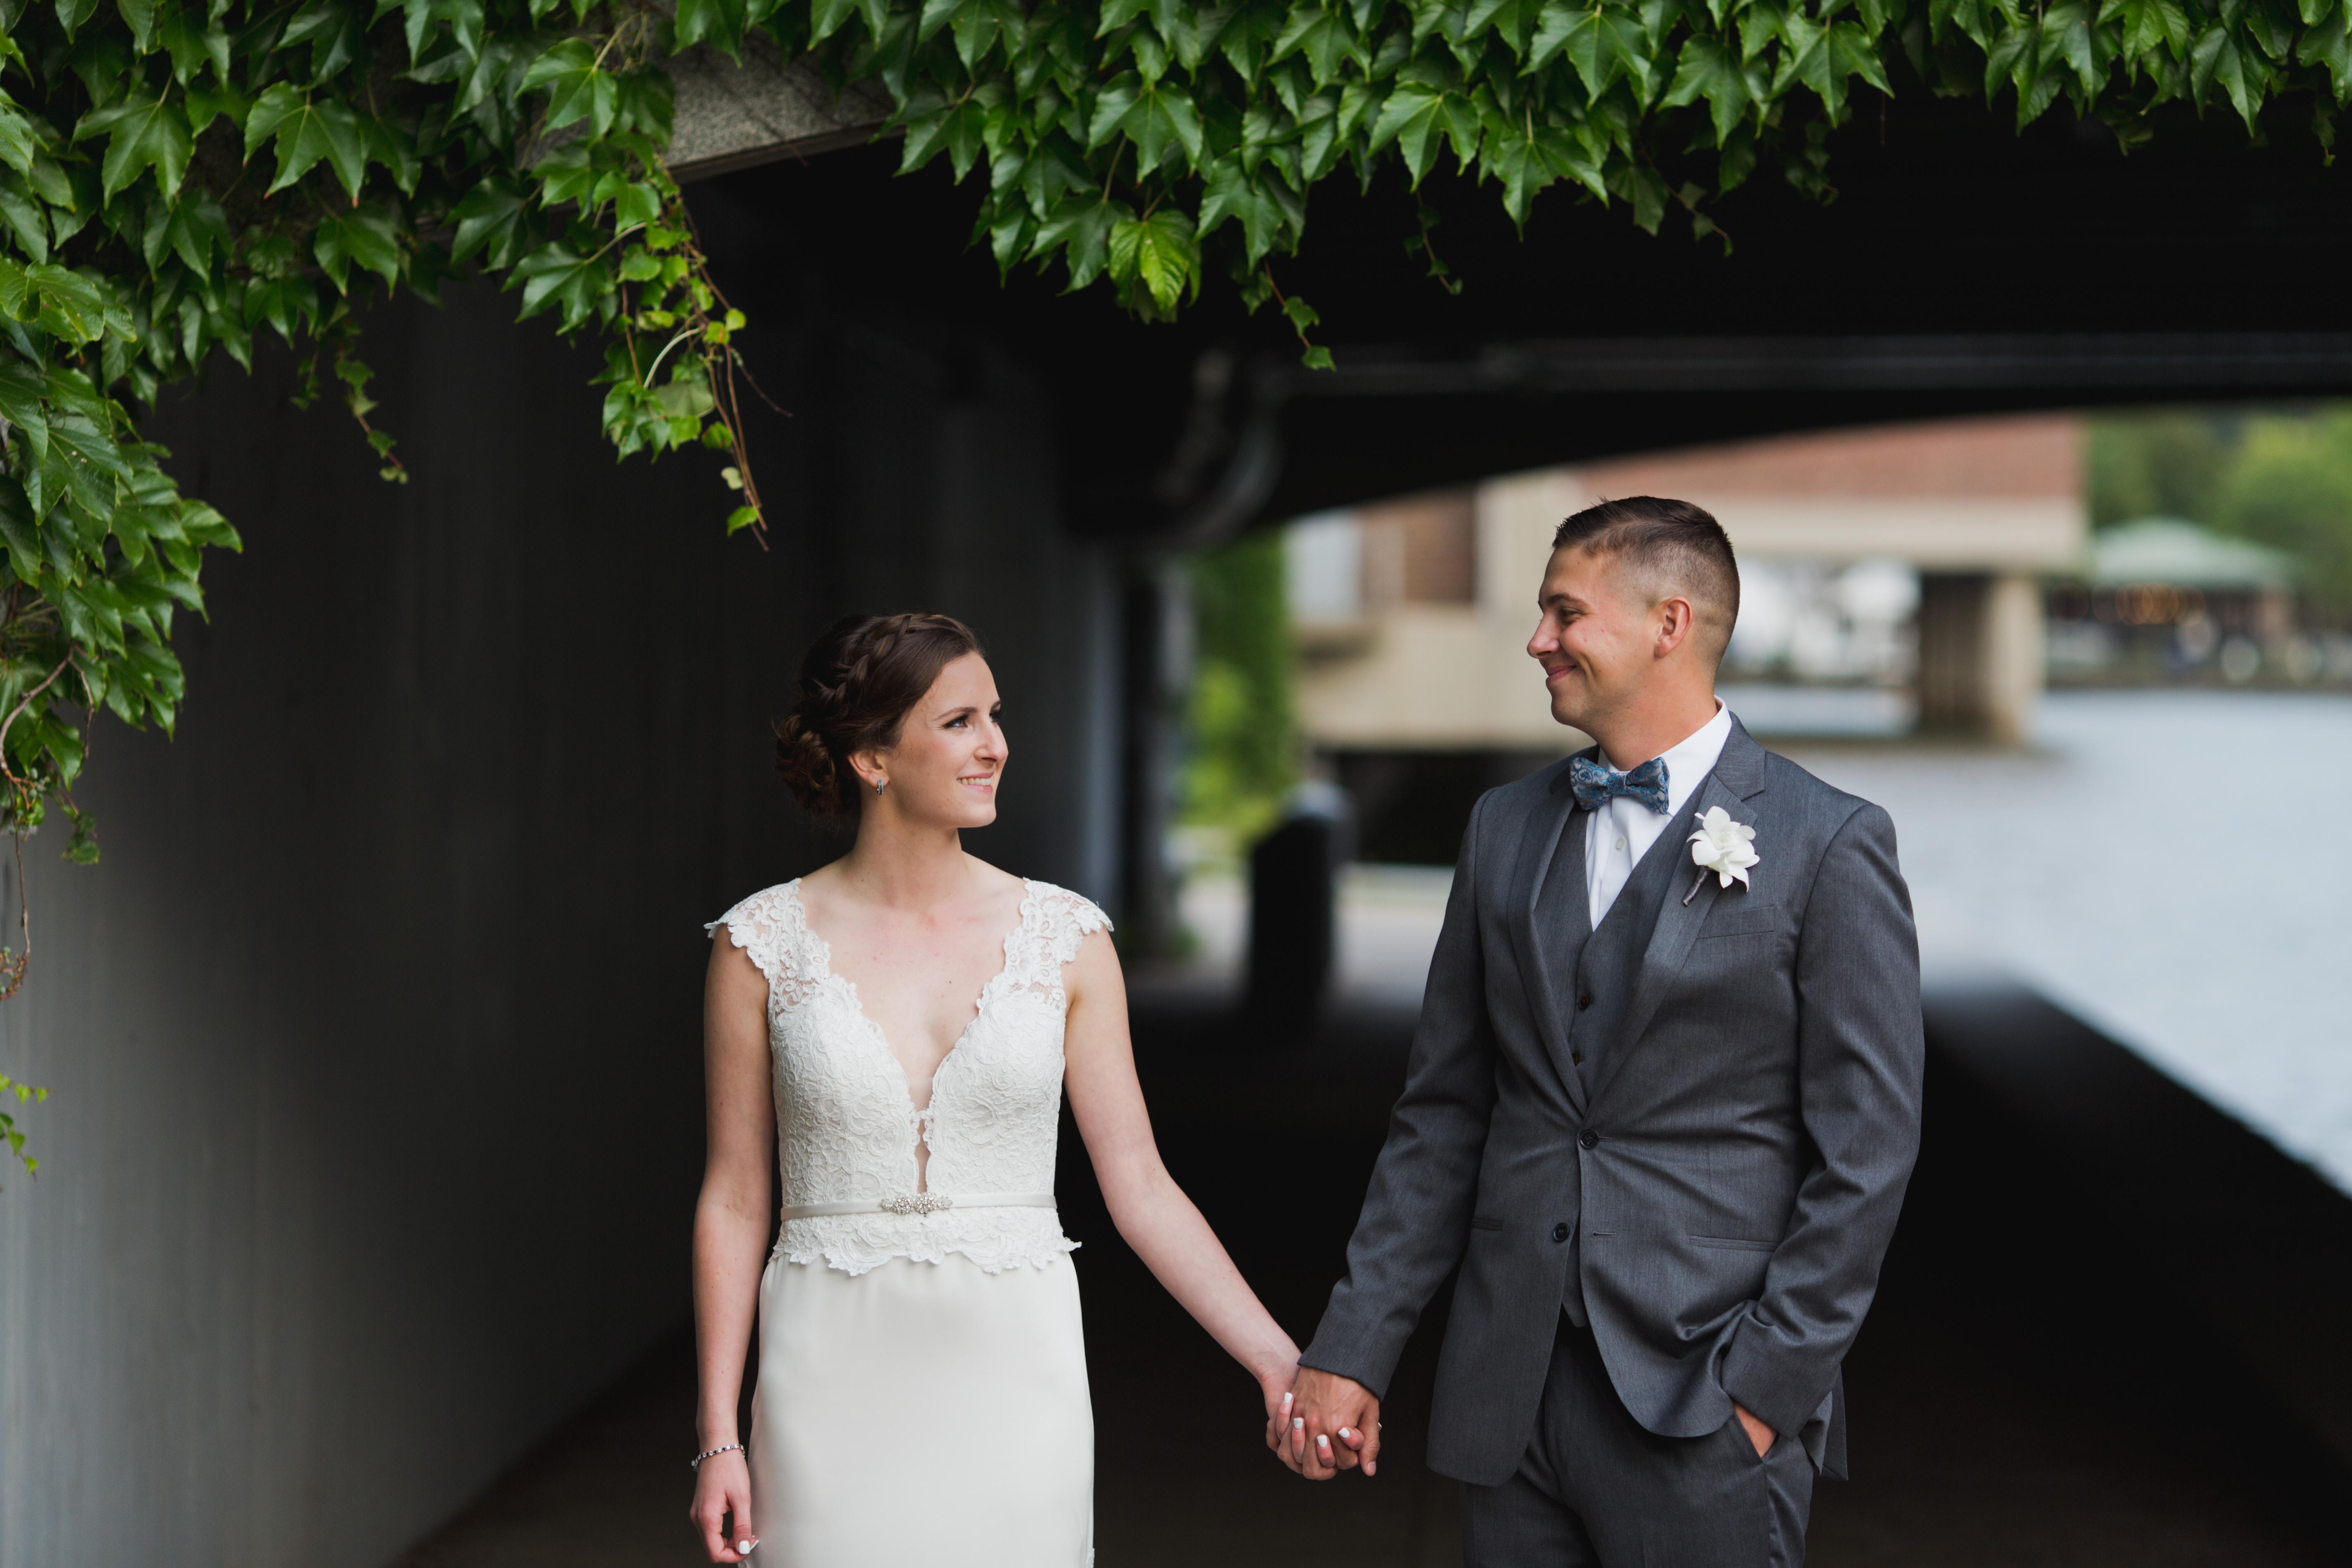 hotel marlowe wedding portrait